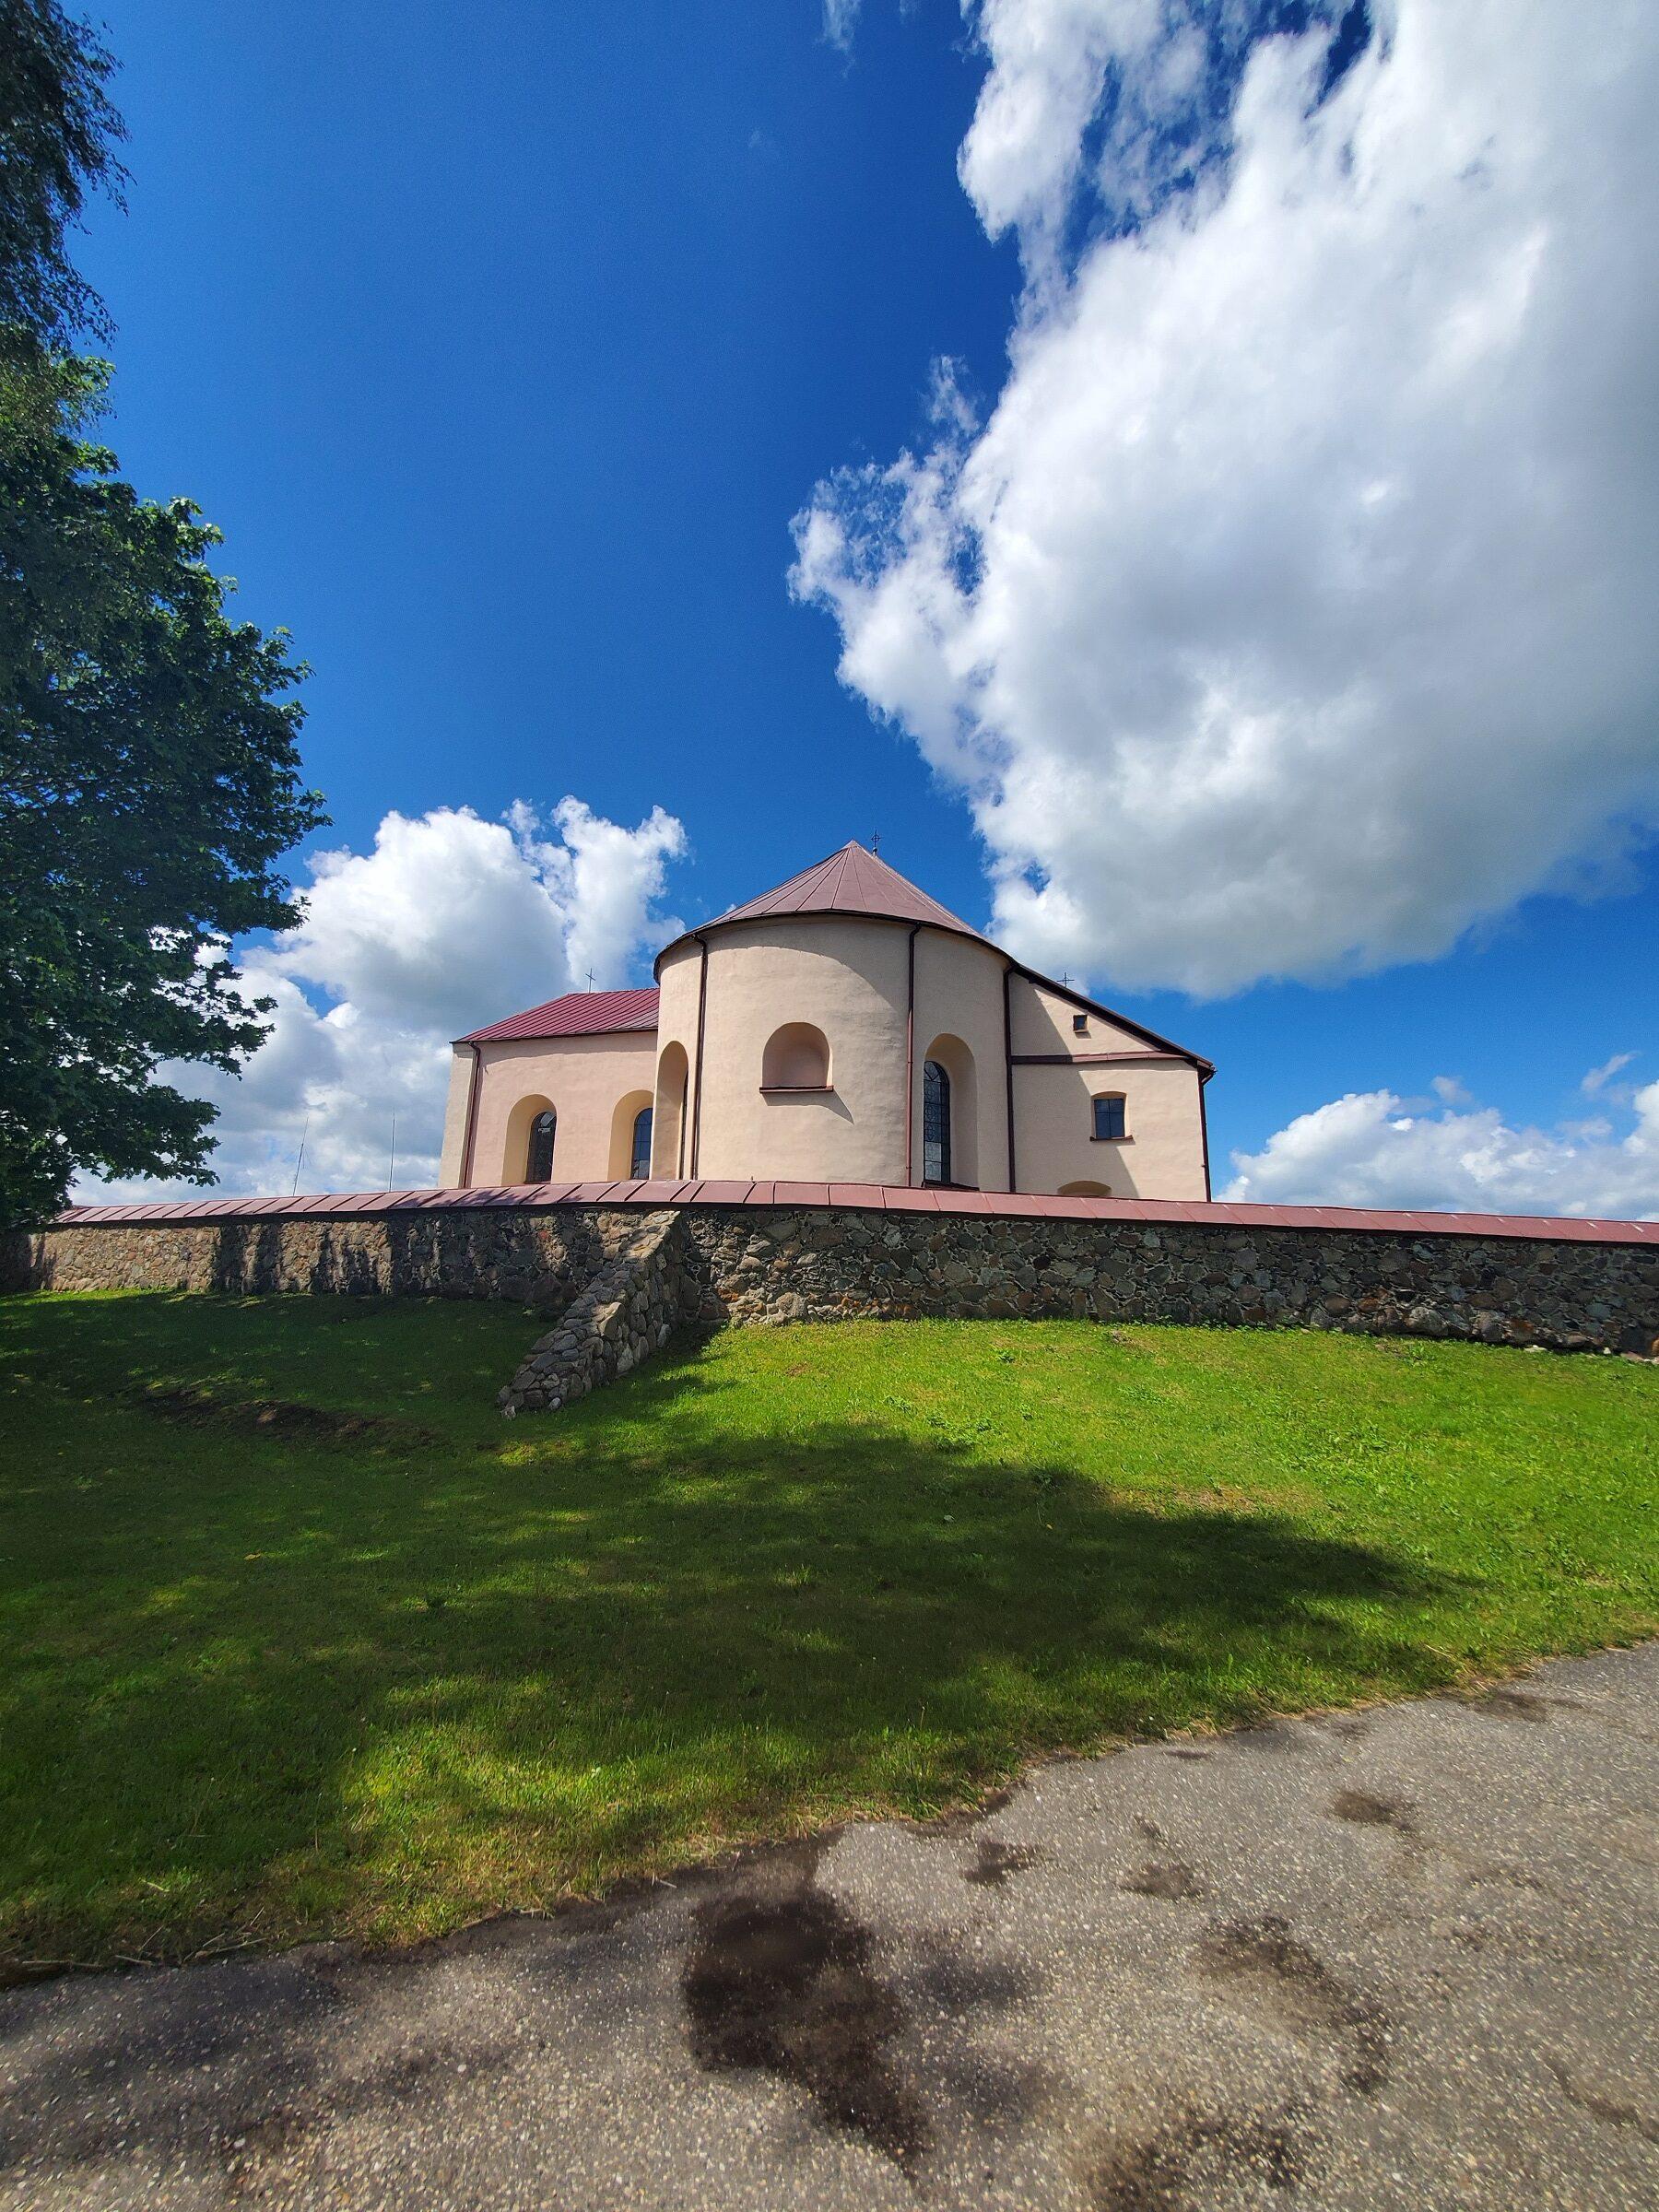 20200606 115845 rotated - Костел Св. Иоанна Крестителя в агрогородке Камаи